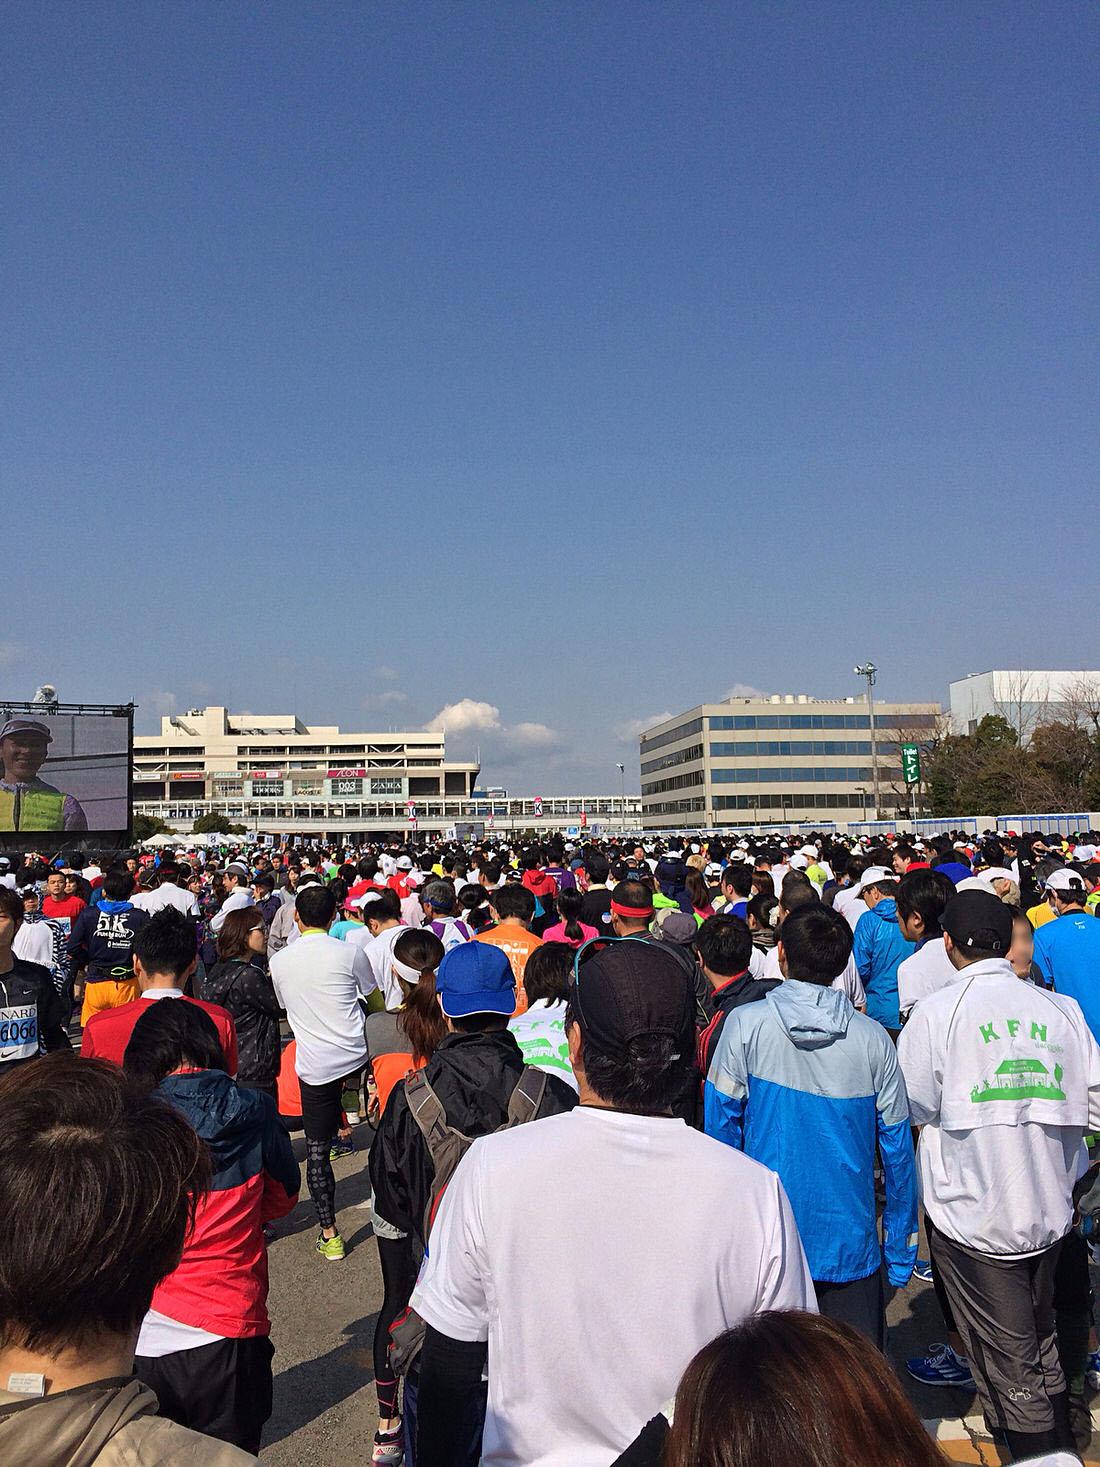 nagoya-city-start